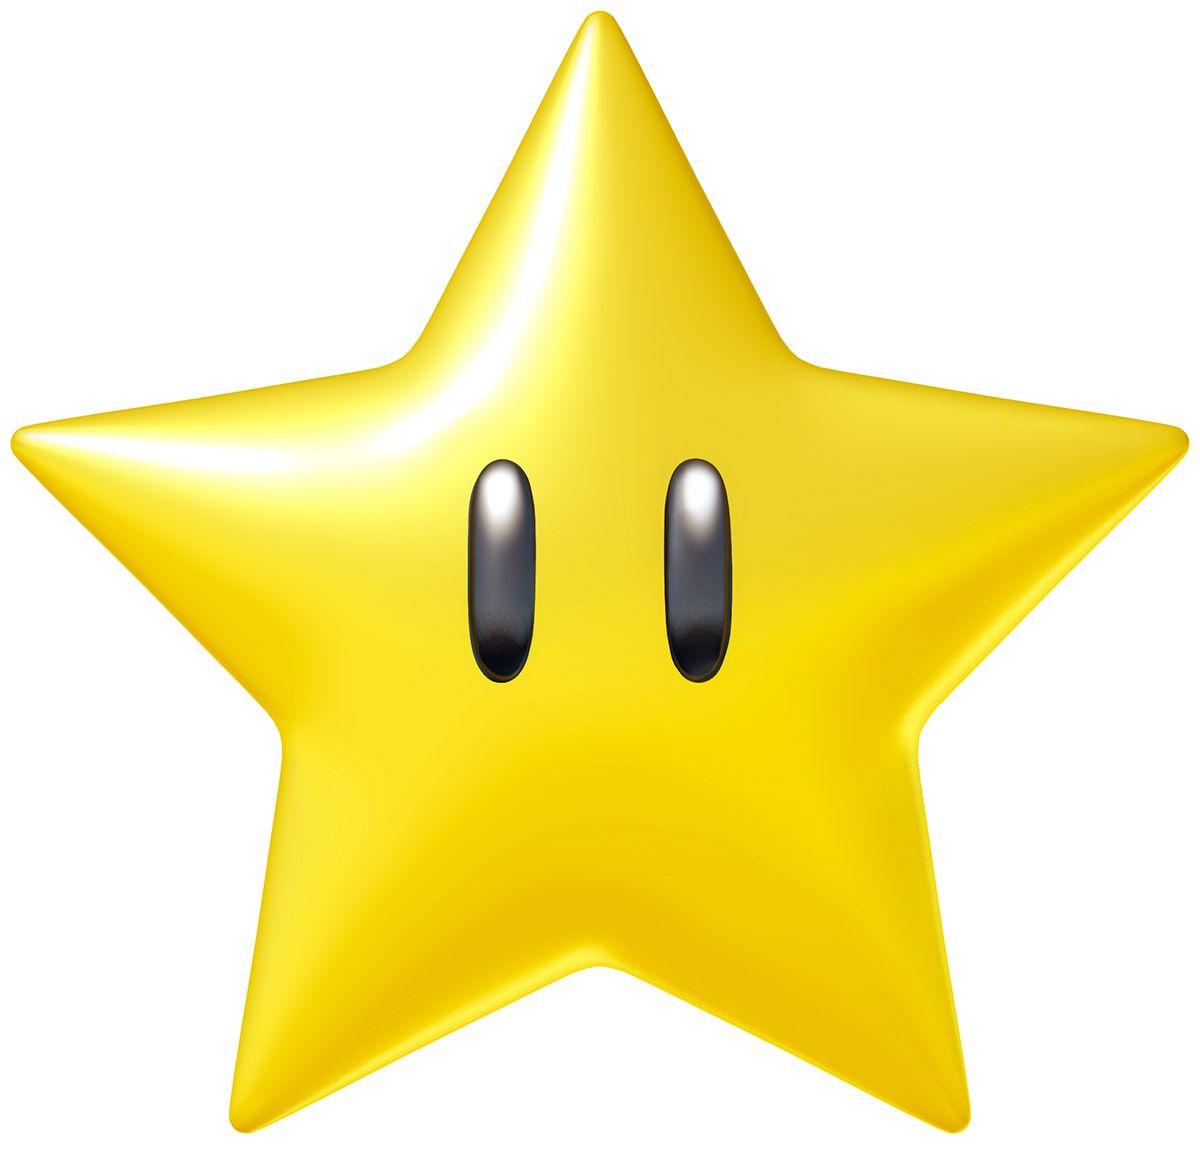 Star | Mario Kart 8 | Imágenes y memes | Pinterest | Mario ...